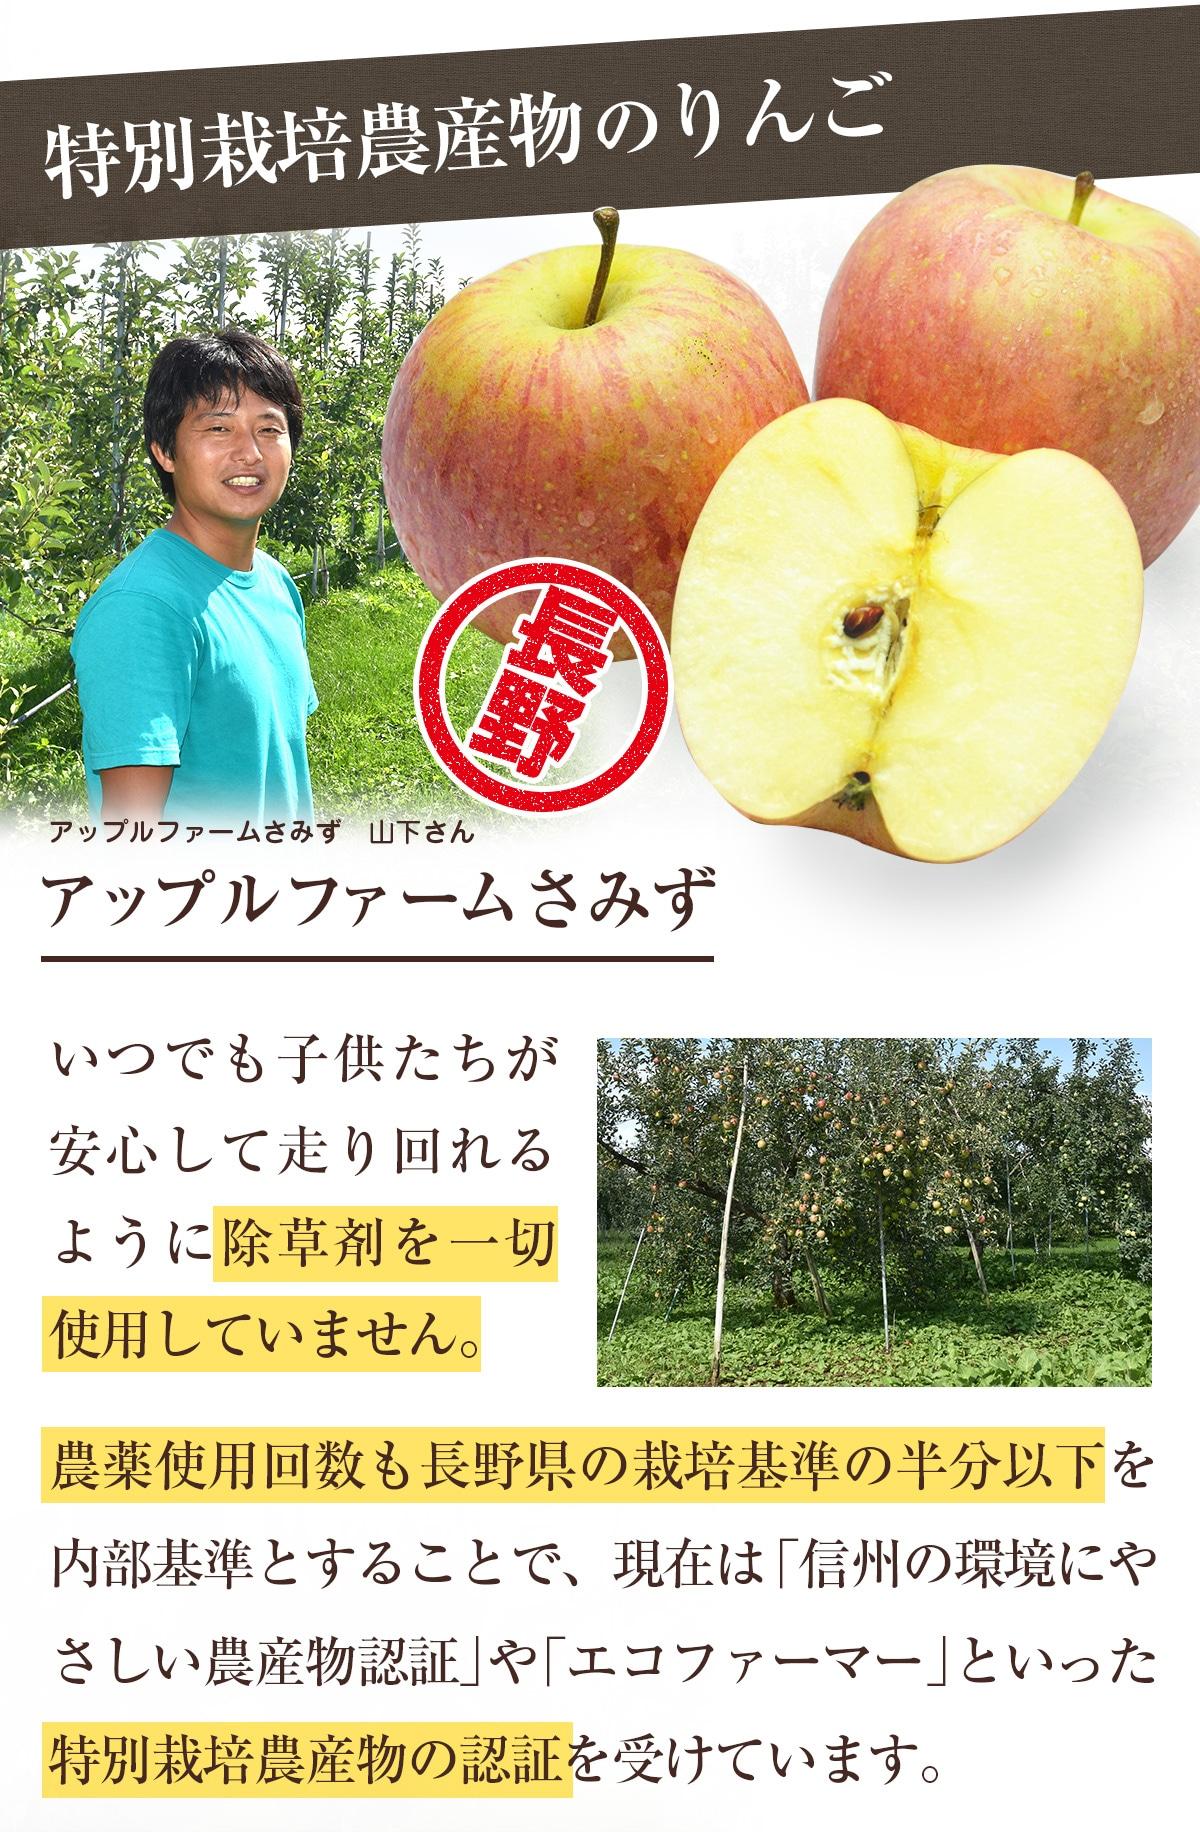 特別栽培農産物のりんご(アップルファームさみず)